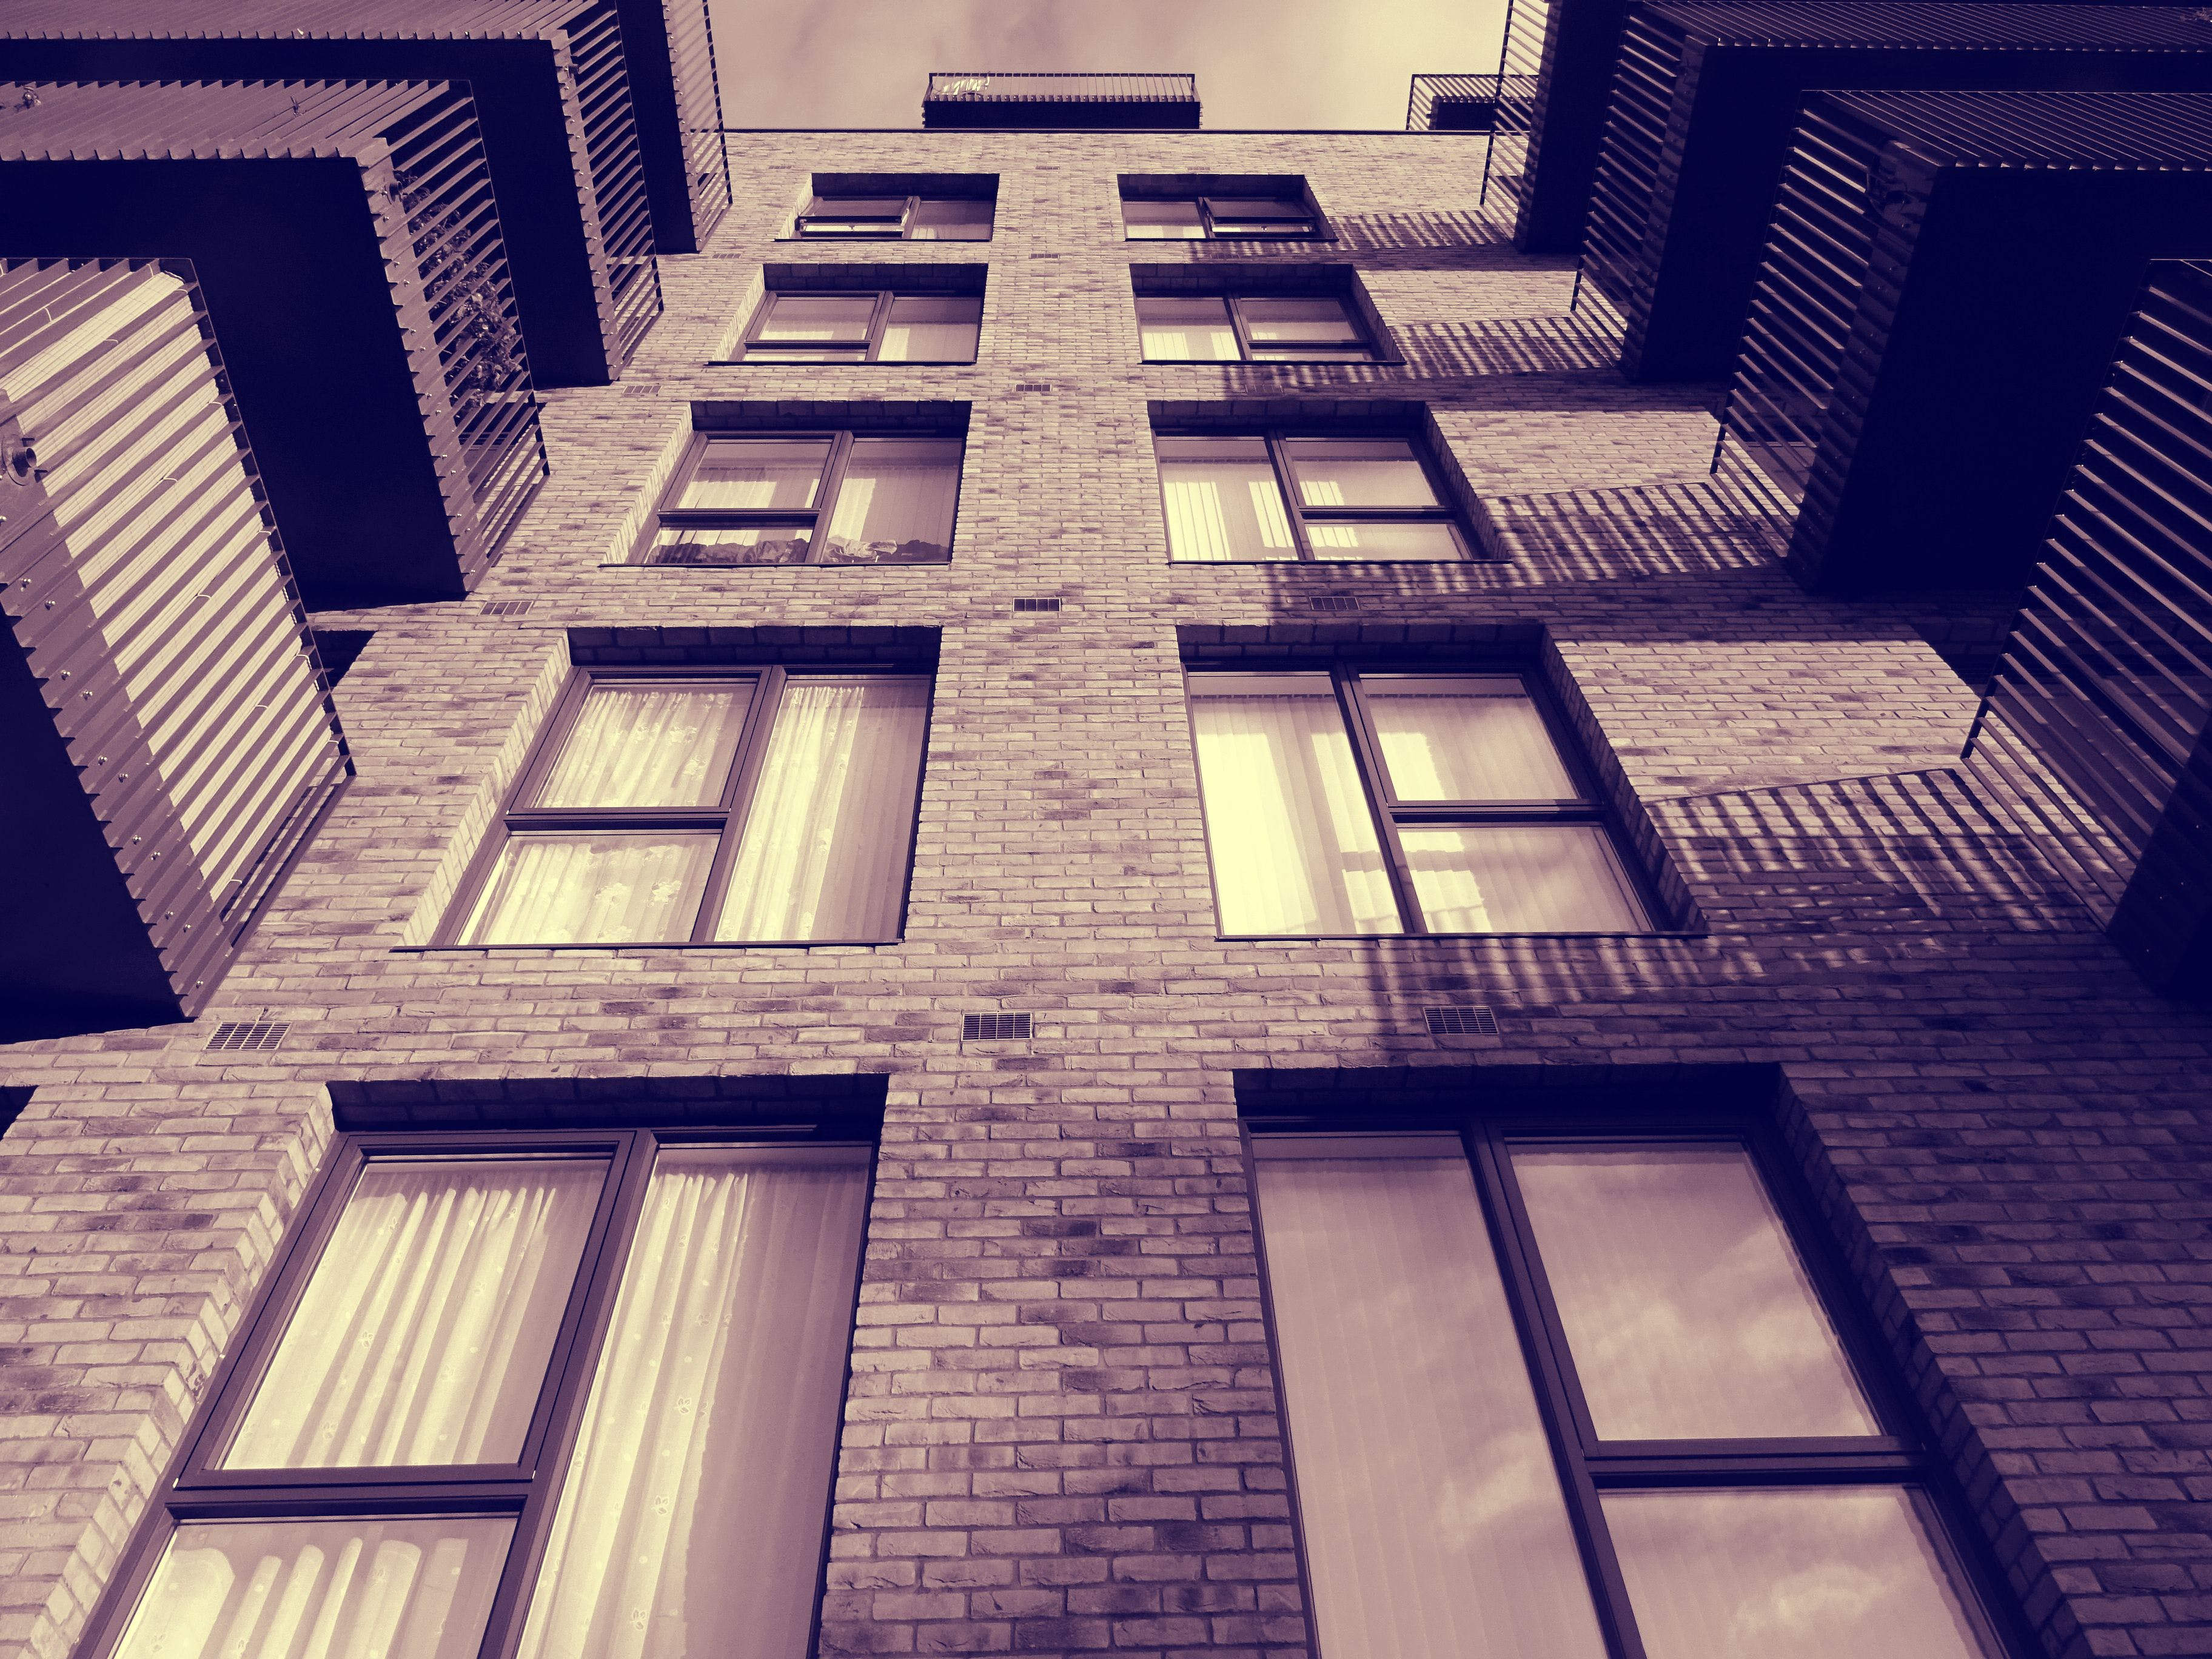 건축, 로우앵글 샷, 벽, 벽돌 벽의 무료 스톡 사진